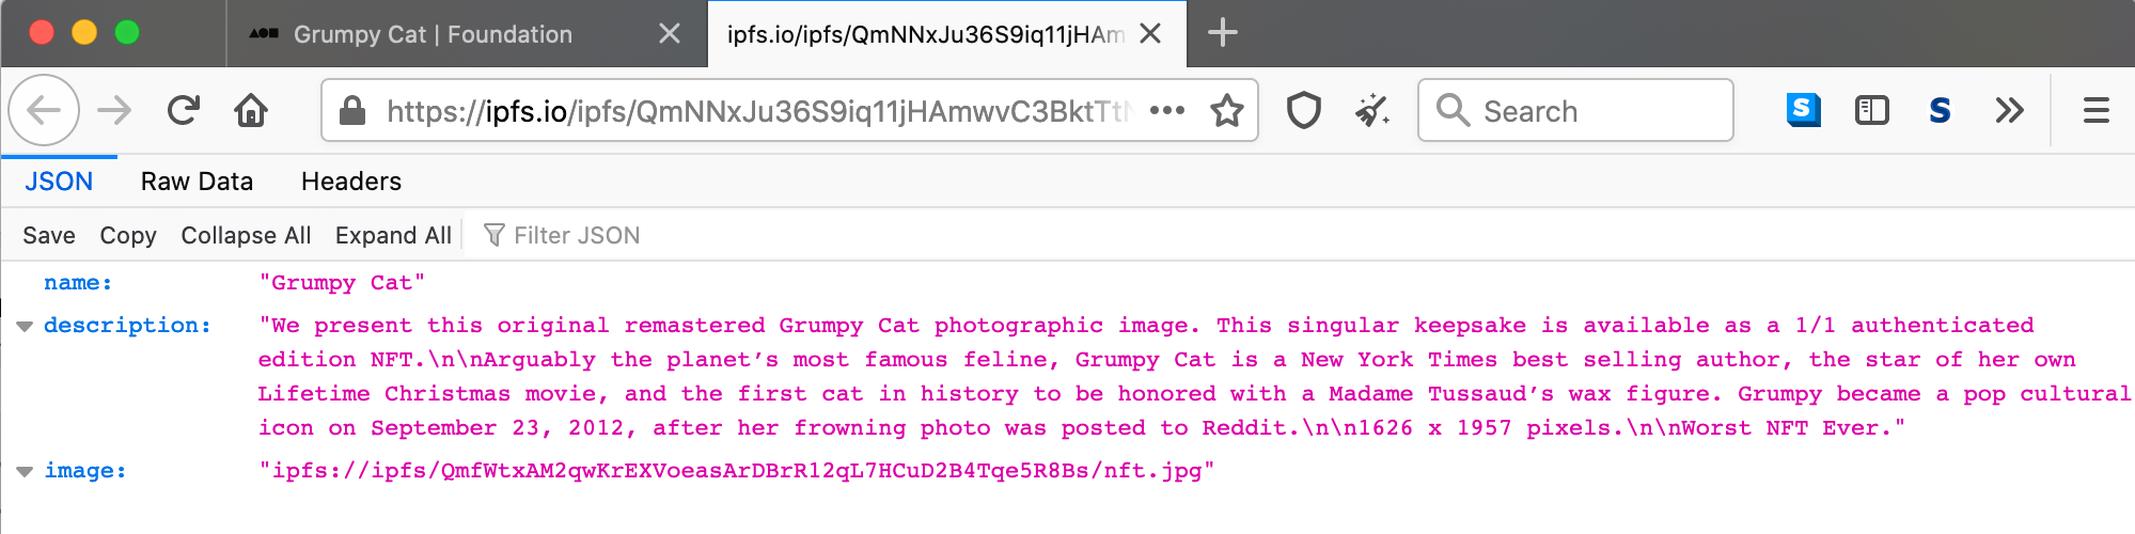 Thứ mà người mua nhận được sau khi chi 77.000 USD để mua NFT tên Grumpy Cat. Đây vốn là một bức ảnh một chú mèo. Ảnh: Mashable